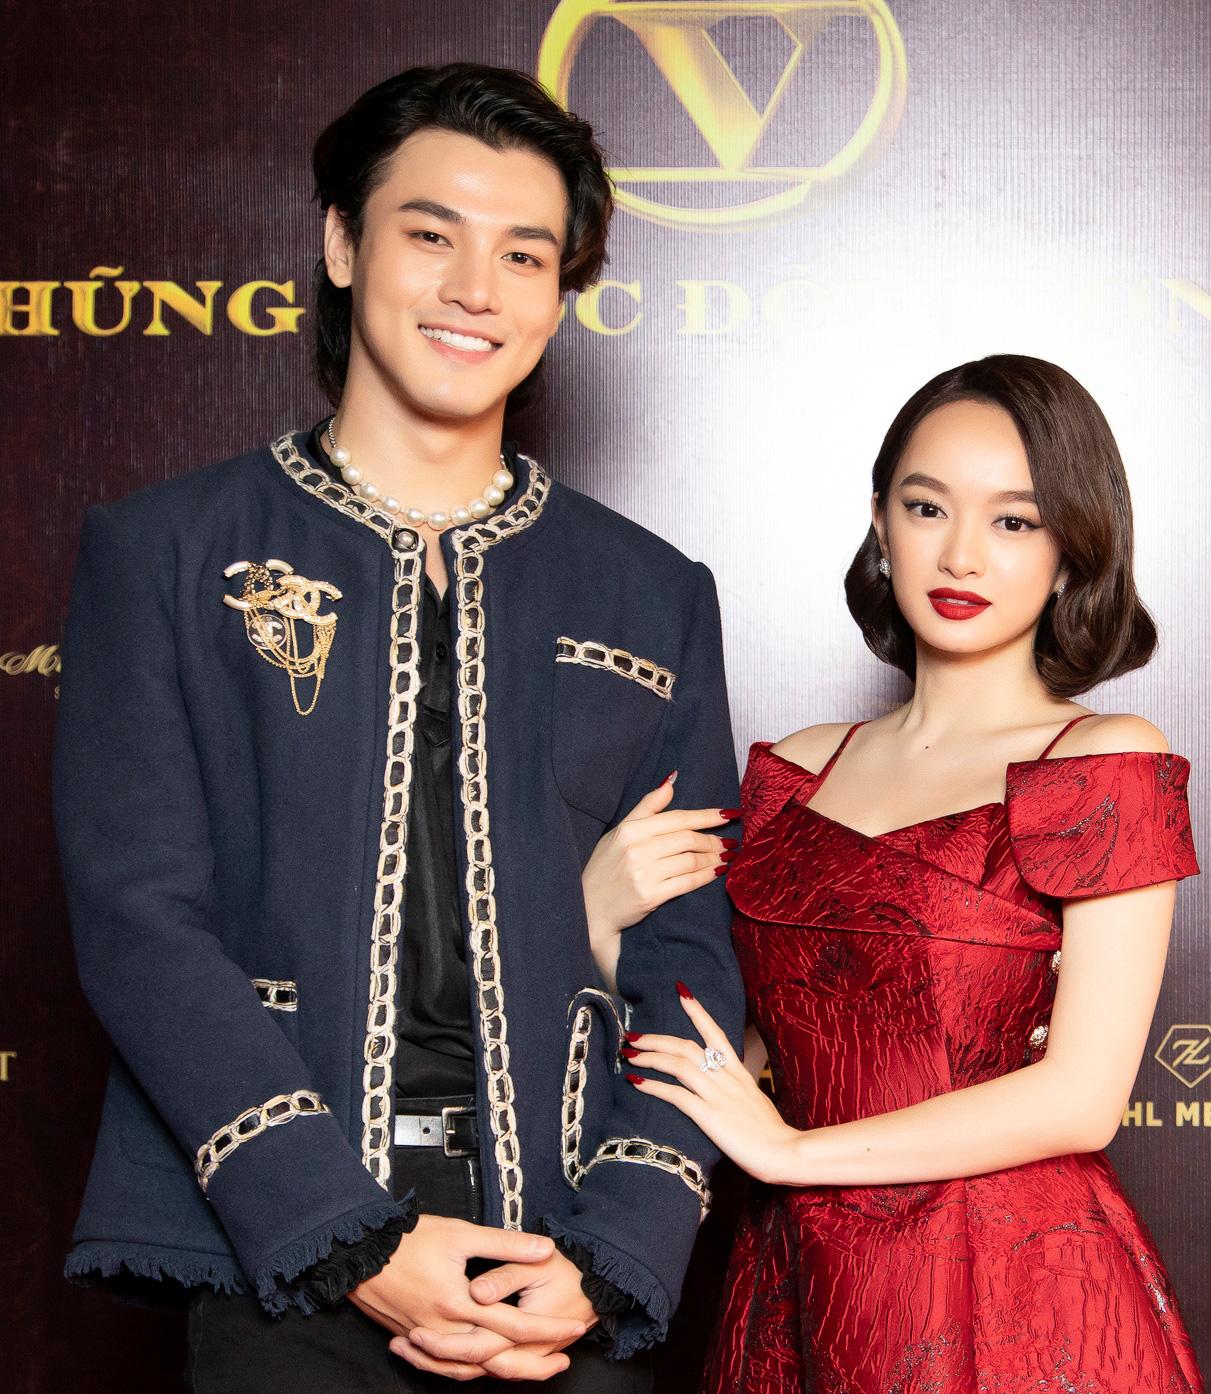 """Kaity Nguyễn không hề lép vế khi diễn cùng """"gái già lắm chiêu"""" Lê Khanh và Hồng Vân - Ảnh 3."""